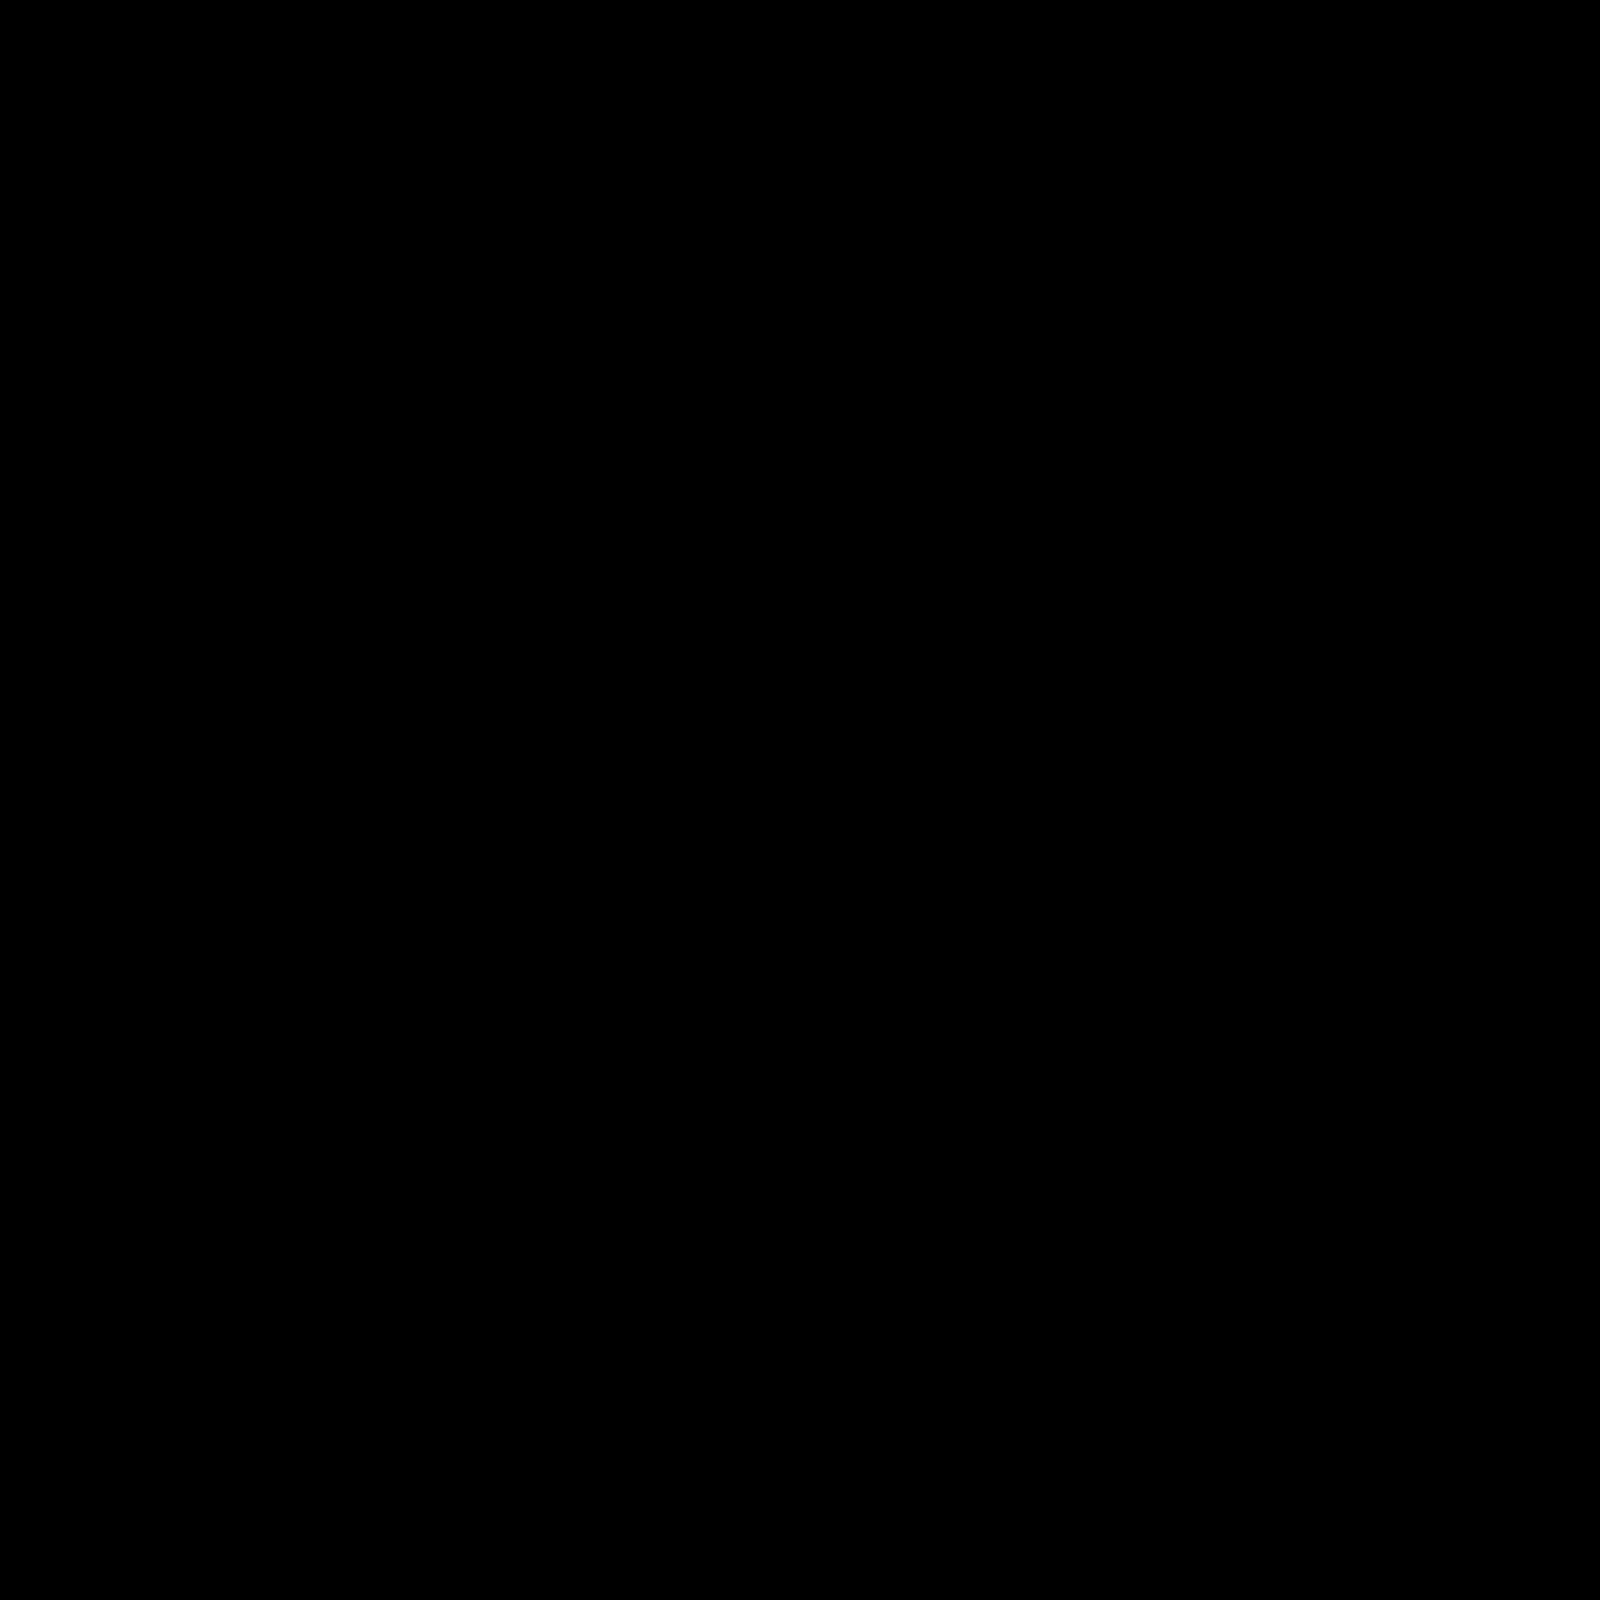 1600x1600 15 File Vector For Free Download On Mbtskoudsalg